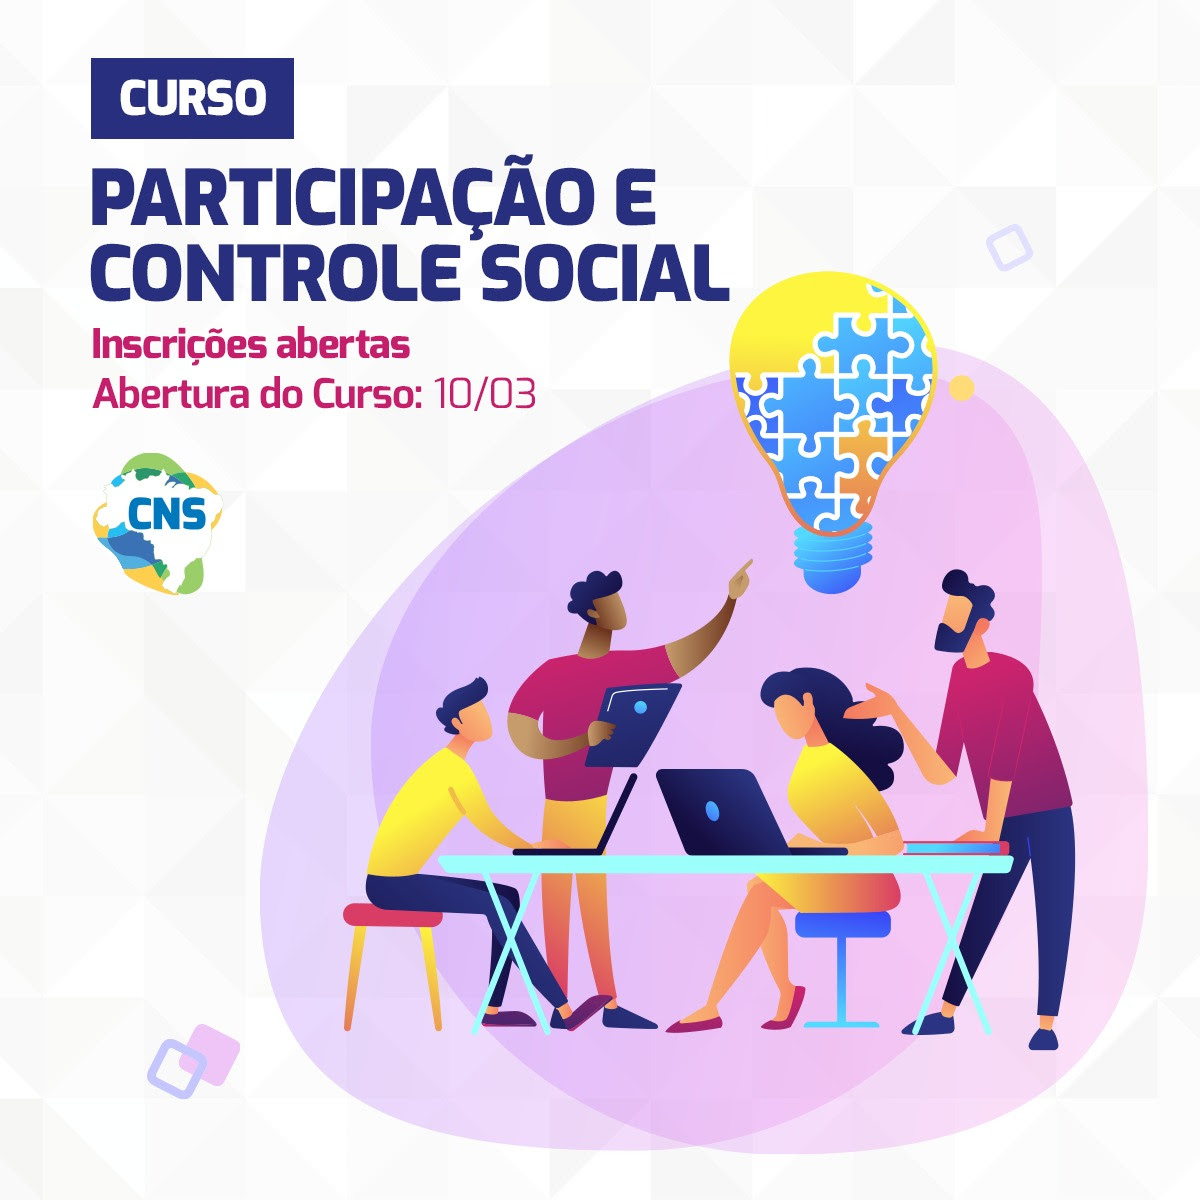 Pré-inscrições abertas para o Curso de participação e Controle Social do Conselho Nacional de Saúde